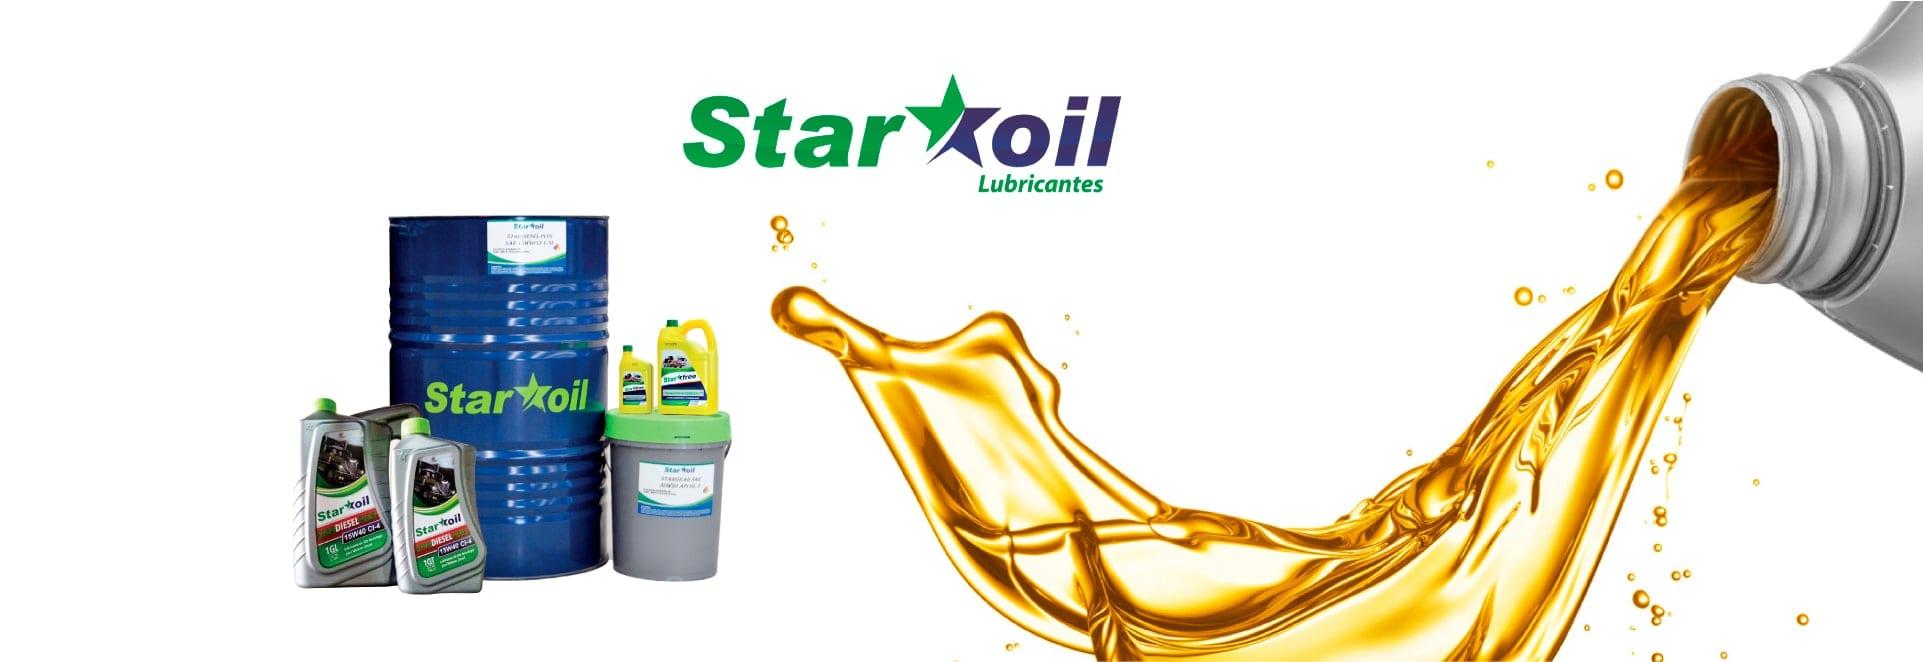 slider7lubricante-star-oil